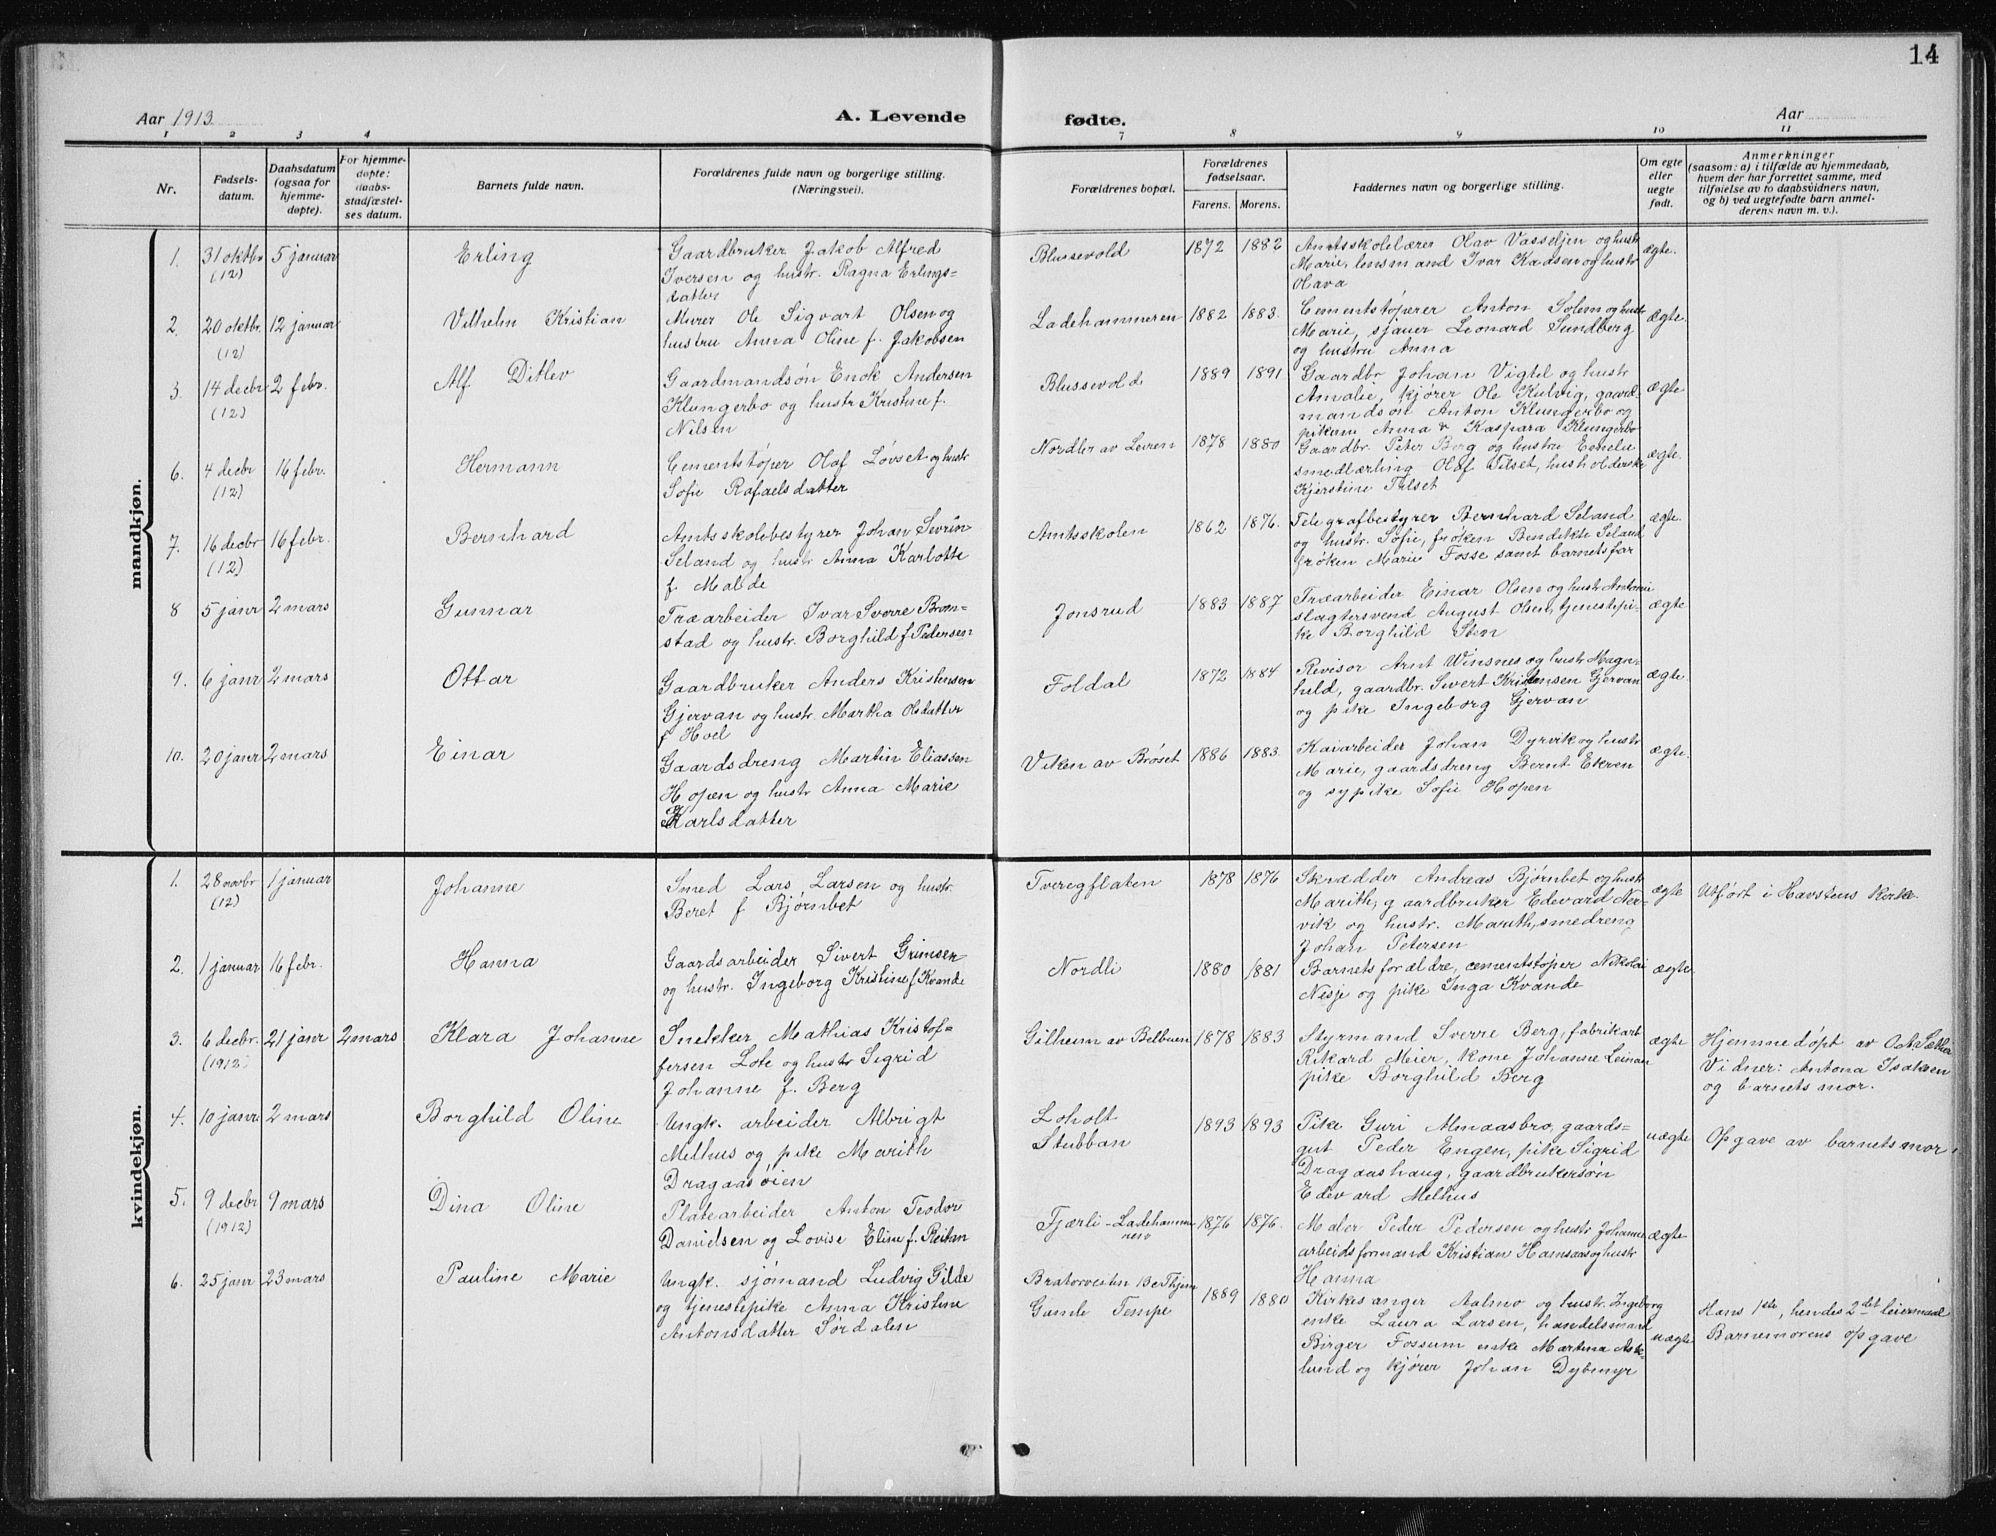 SAT, Ministerialprotokoller, klokkerbøker og fødselsregistre - Sør-Trøndelag, 606/L0314: Klokkerbok nr. 606C10, 1911-1937, s. 14